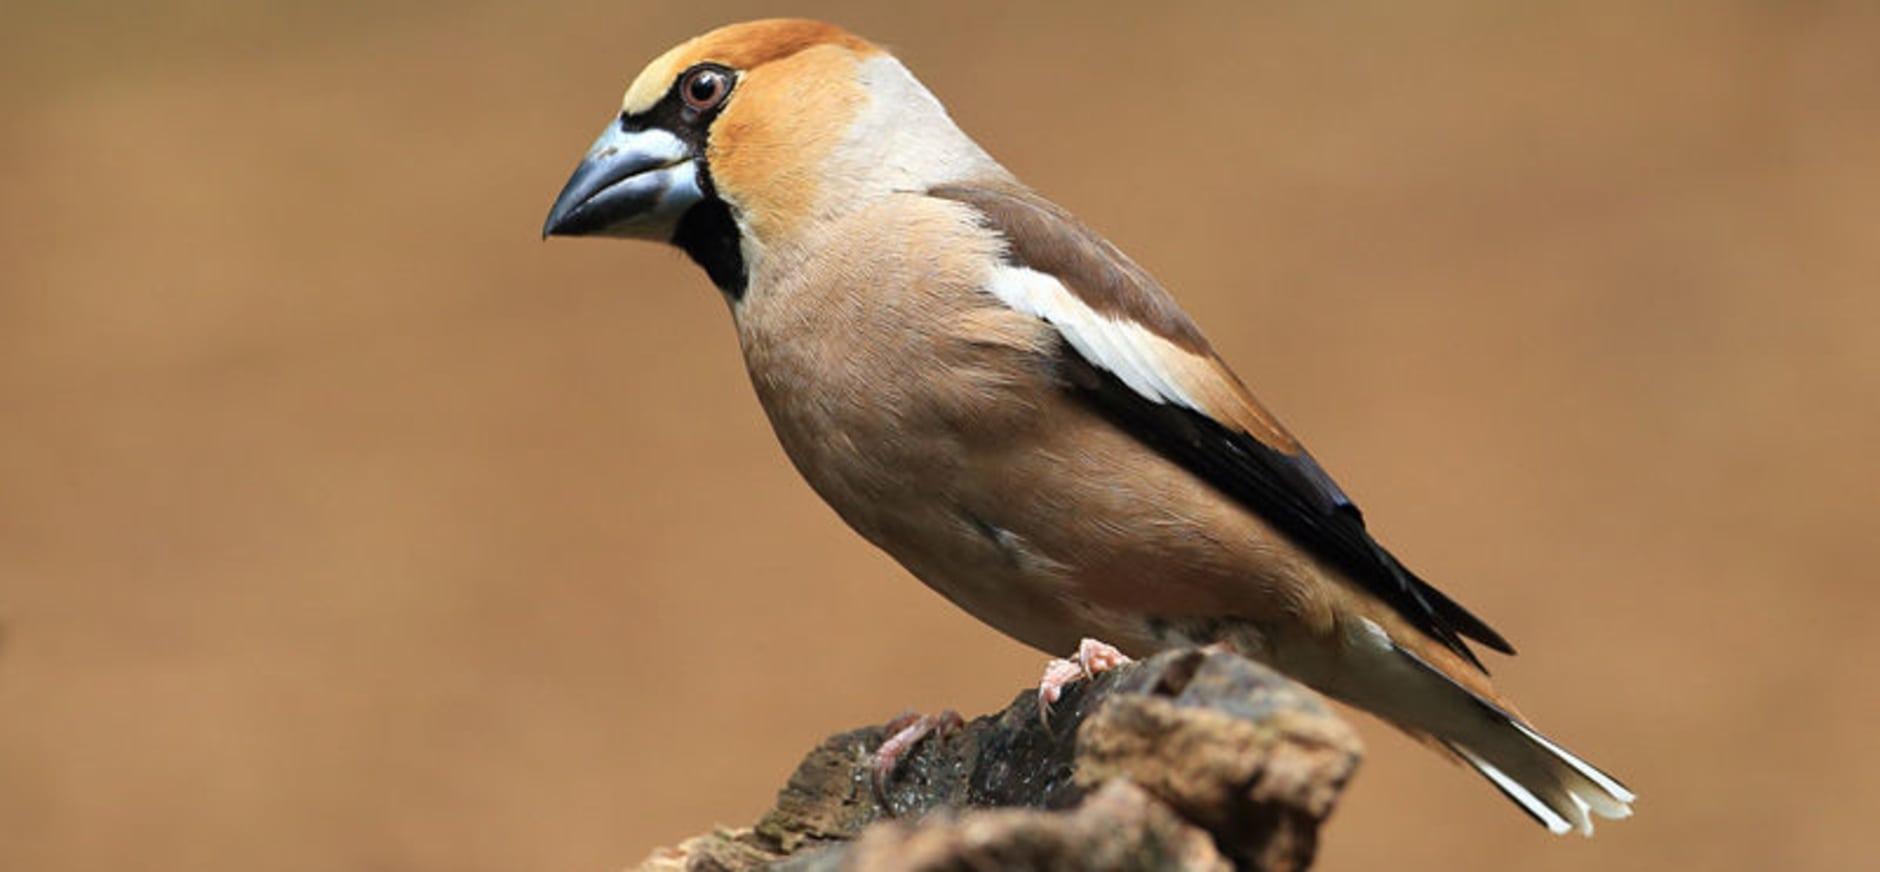 Rapport broedvogelonderzoek voor omwonenden